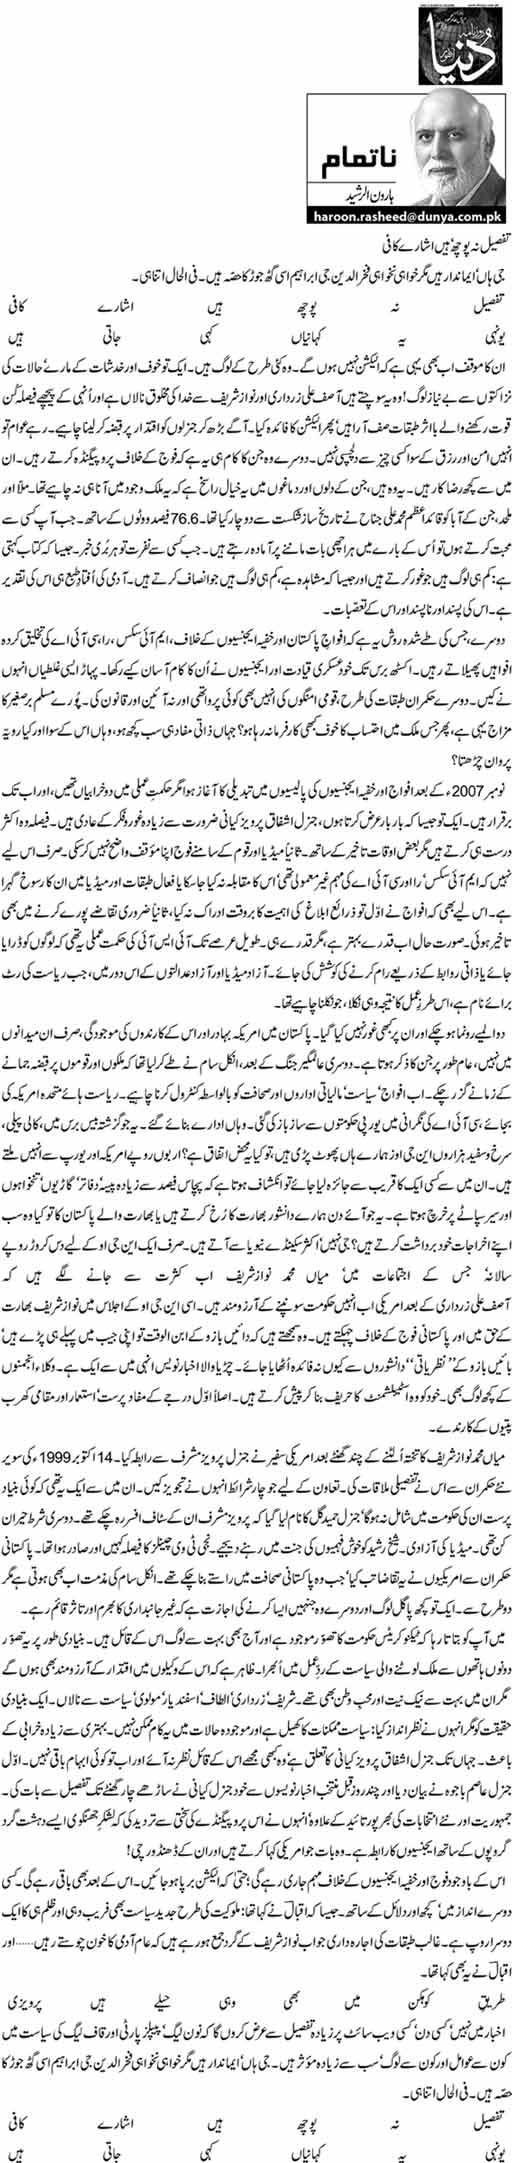 Tafseel na poch, hain isharay kafi - Haroon-ur-Rasheed